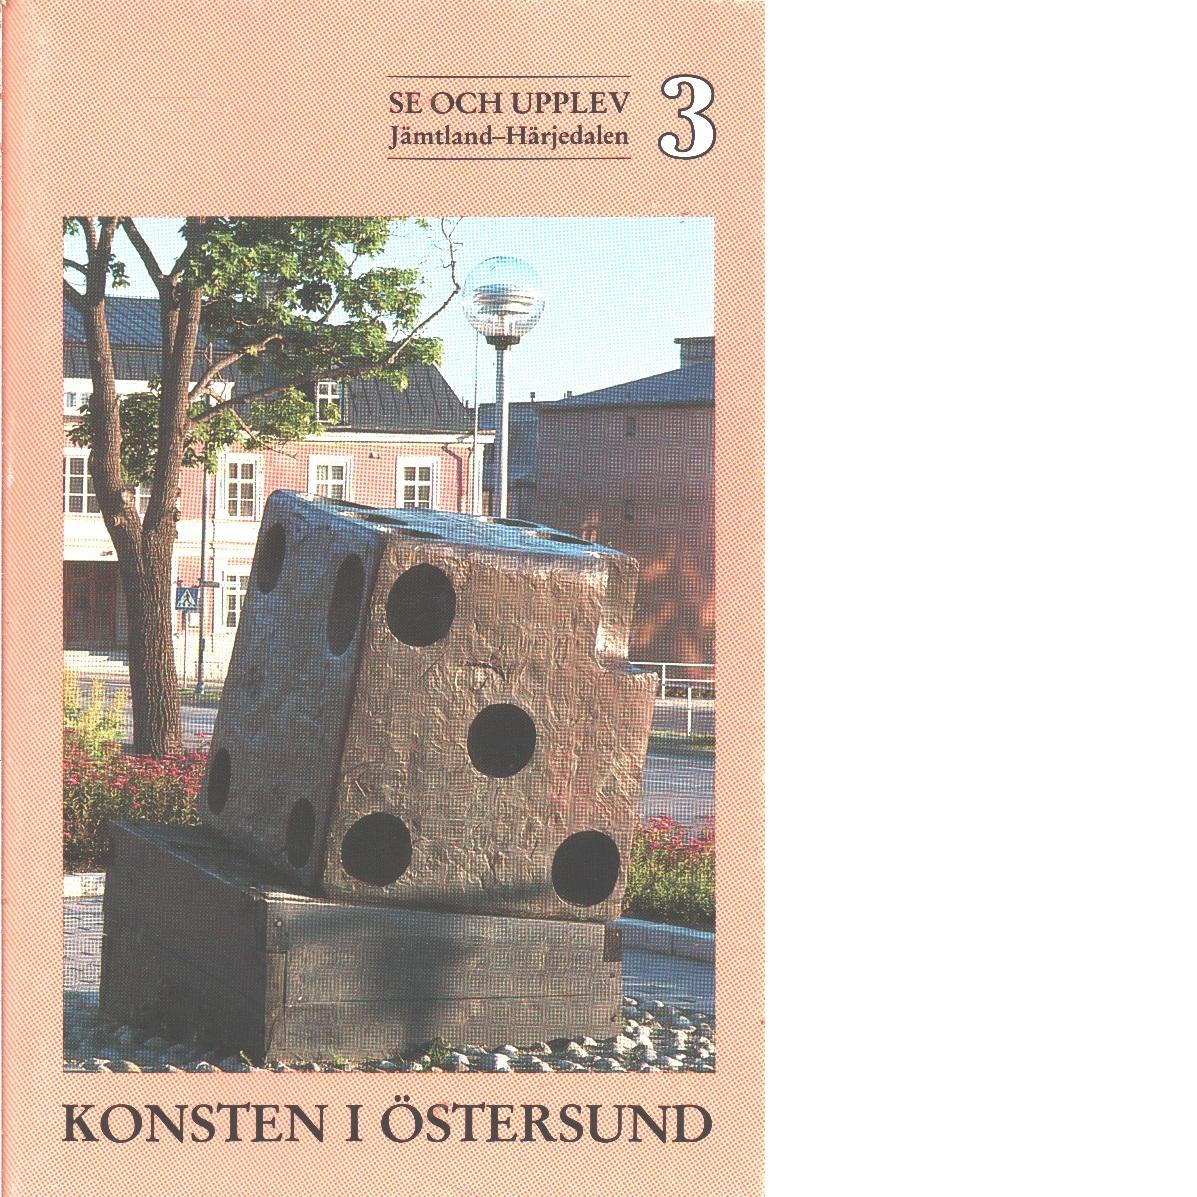 Konsten i Östersund - Jonsson, Leif och Rindberg, Lo samt     Sondén, Gunilla